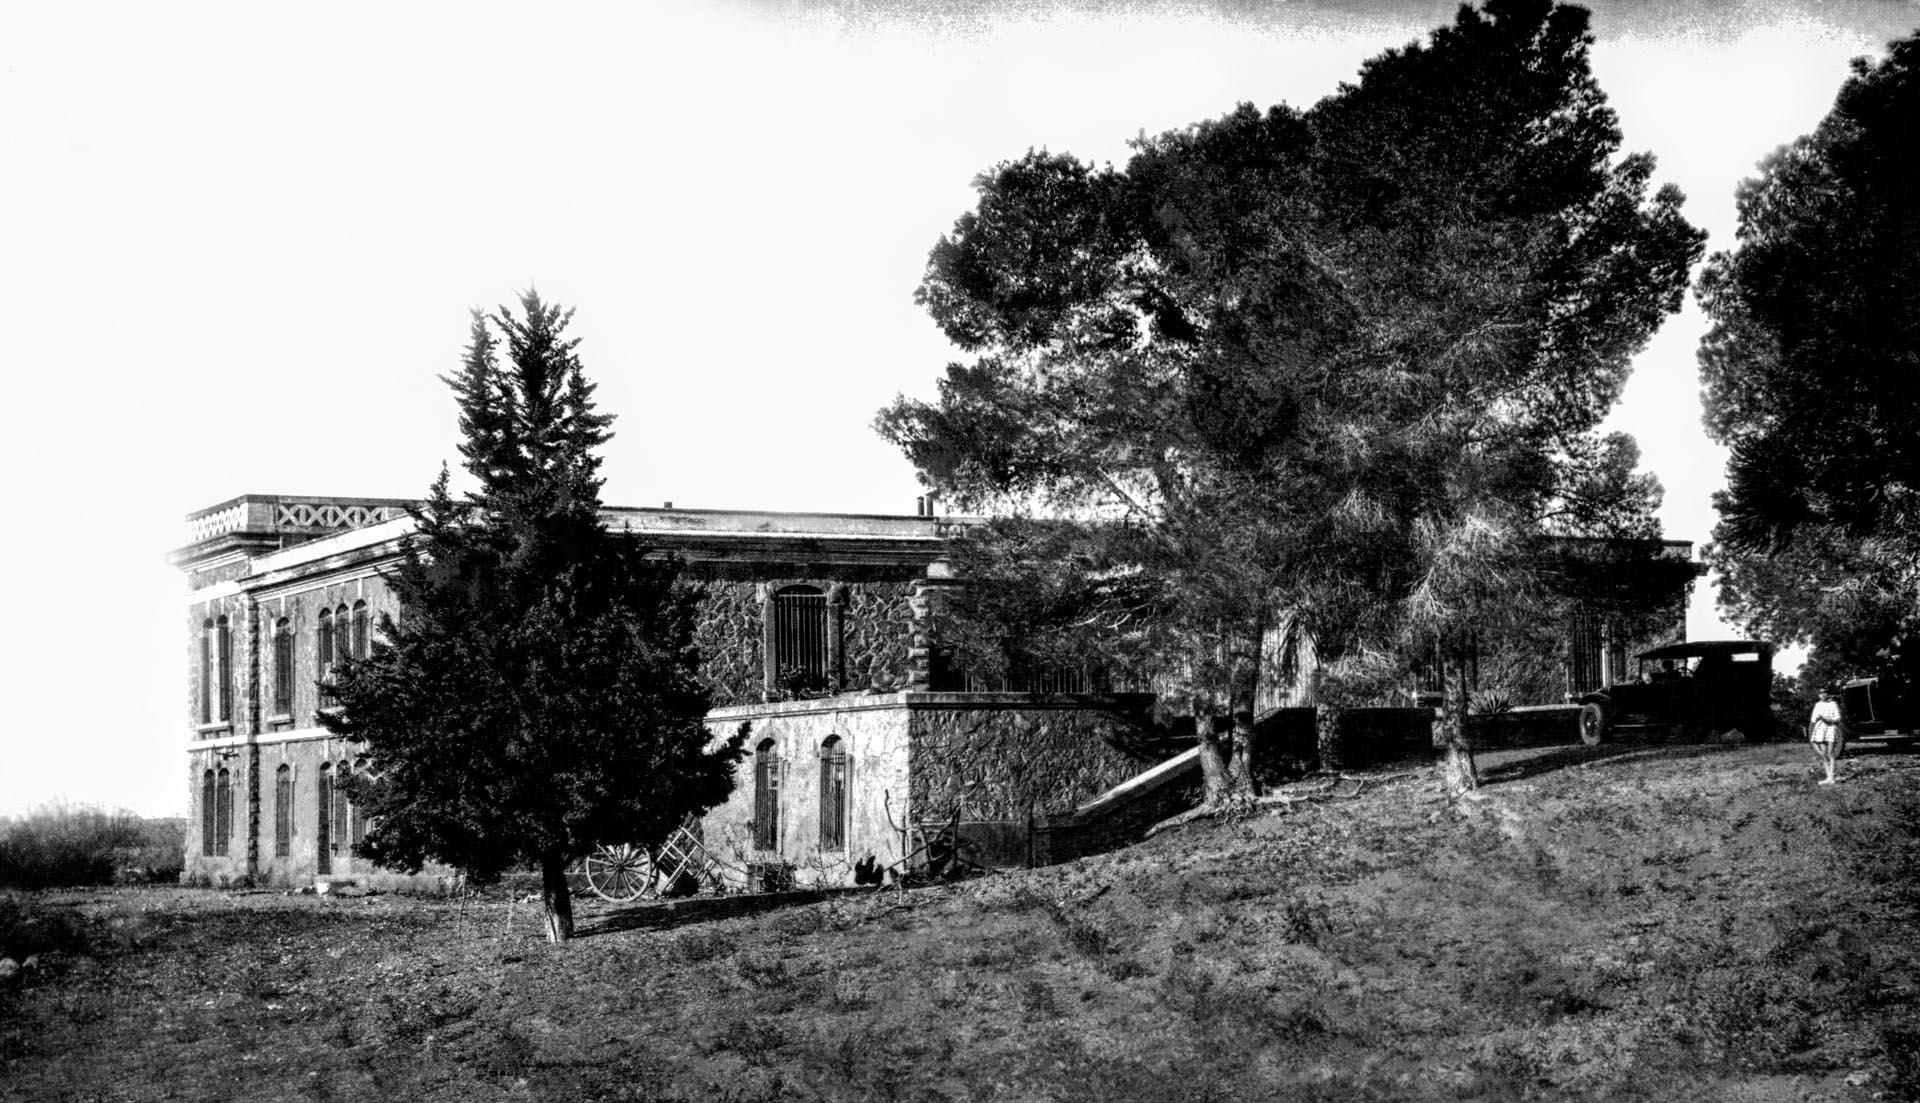 El famoso castillo San Carlos, en Concordia, Entre Rios. (Antonio Arola. Cortesía Nicolás Herzog)